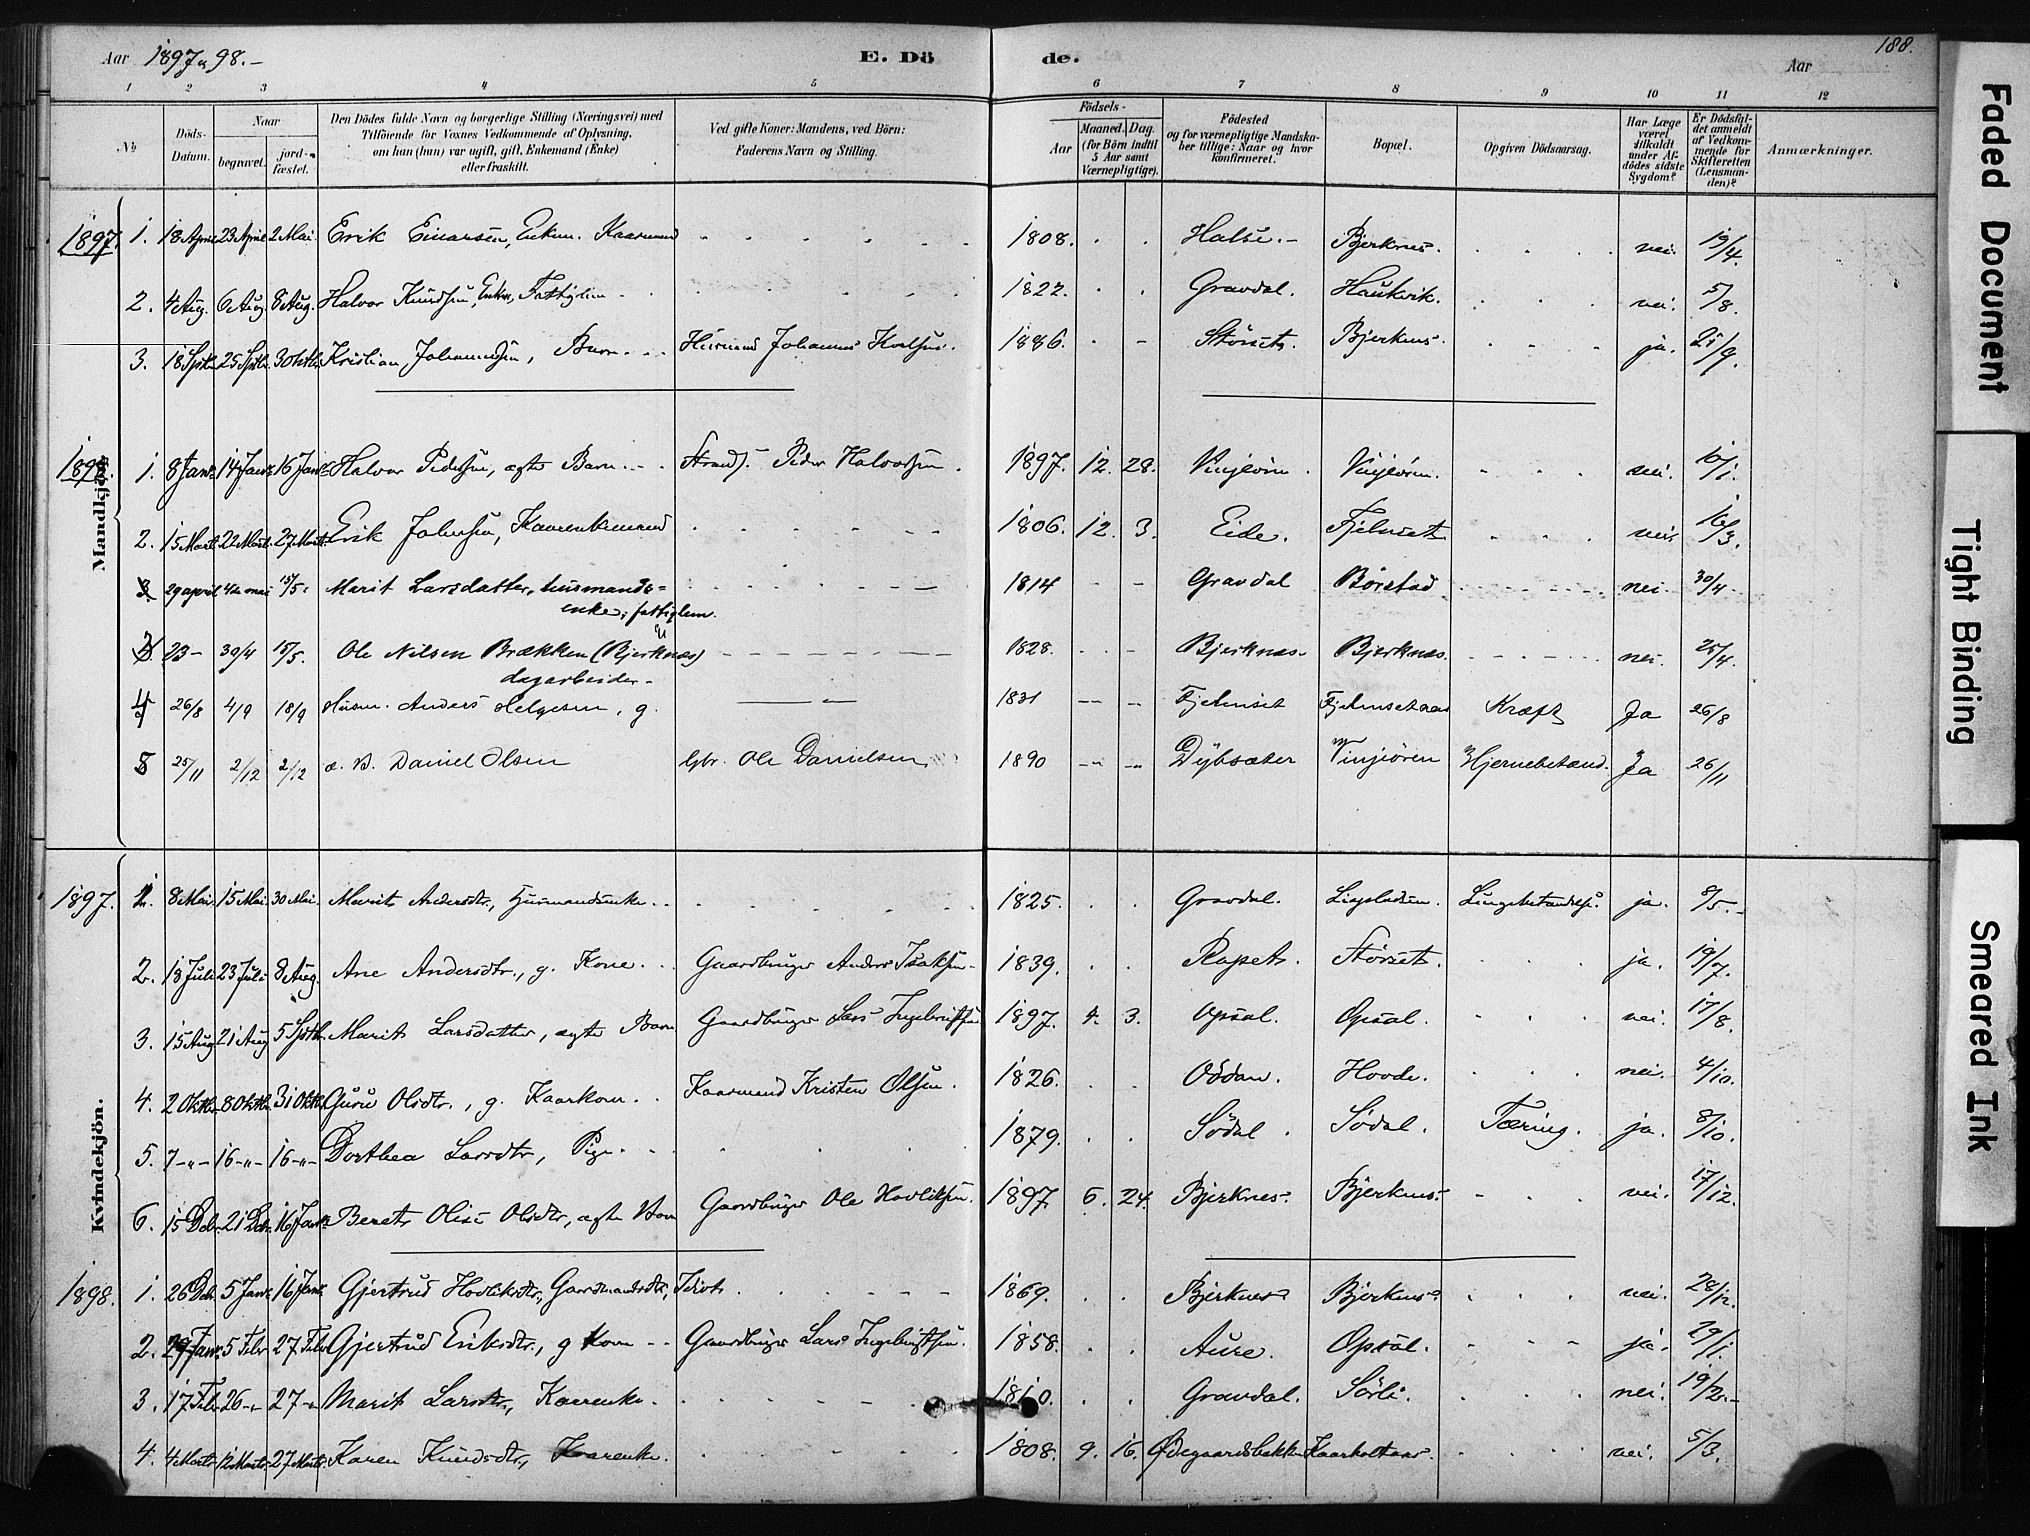 SAT, Ministerialprotokoller, klokkerbøker og fødselsregistre - Sør-Trøndelag, 631/L0512: Ministerialbok nr. 631A01, 1879-1912, s. 188